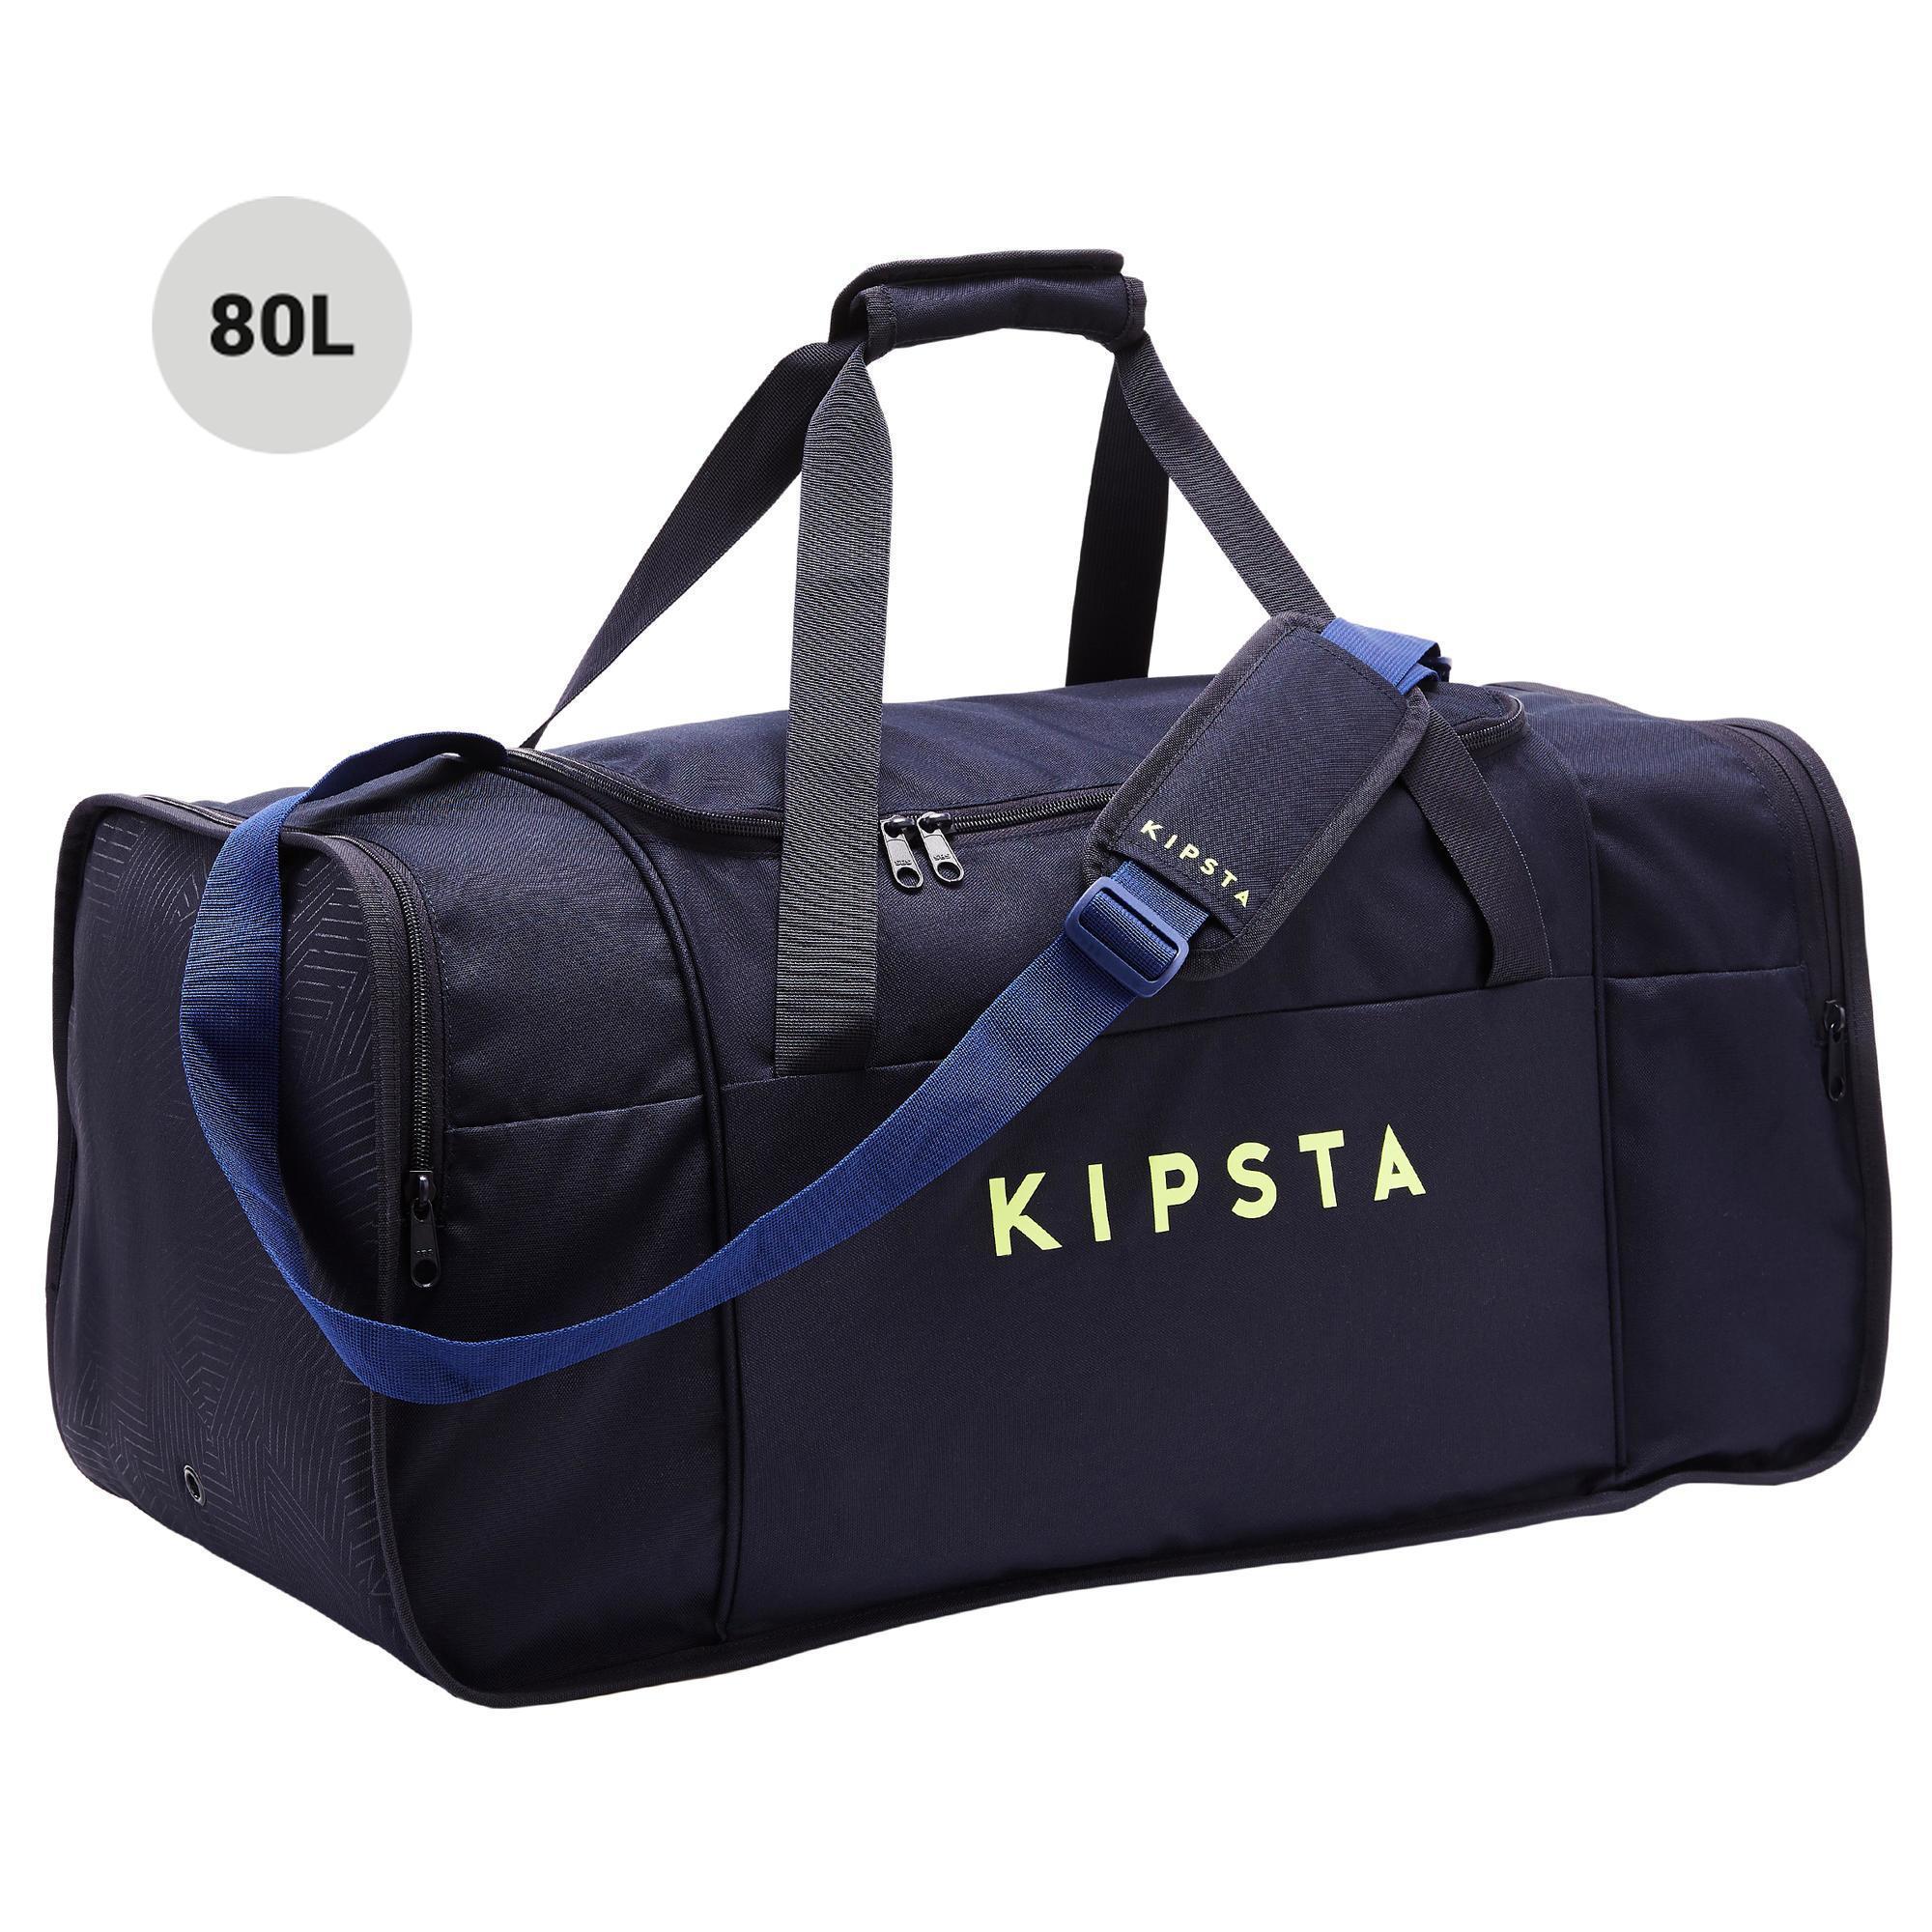 Bolsa de deporte Kipsta 80L